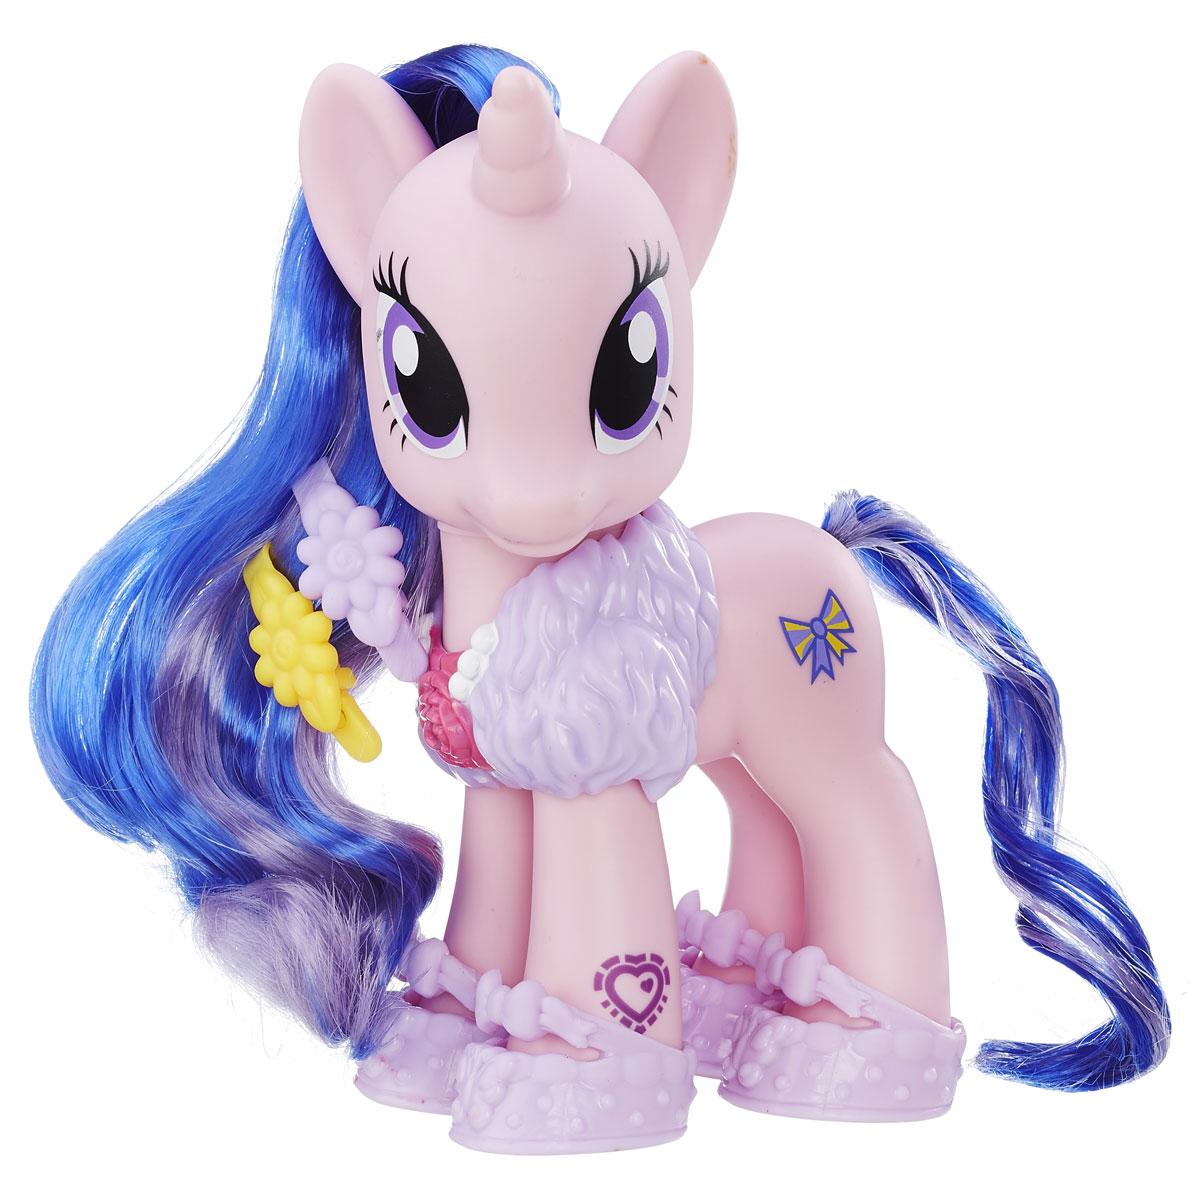 My Little Pony Фигурка Royal RibbonB5364_B8850Фигурка My Little Pony Royal Ribbon станет отличным подарком для каждой девочки. Лошадка имеет шикарные хвост и гриву, состоящие из прядей двух цветов. Их можно укладывать в самые оригинальные прически, заплетать косички. В комплект входит не только сама фигурка, но и несколько аксессуаров для создания модного образа. Фигурка выполнена из качественных и безопасных материалов. На ноге у фигурки изображена кьюти-марка. Если ее отсканировать специальным приложением на мобильном устройстве, в нем откроются бонусные возможности. Благодаря маленькому размеру фигурки ребенок сможет взять ее с собой на прогулку или в гости. Порадуйте свою малышку таким замечательным подарком!